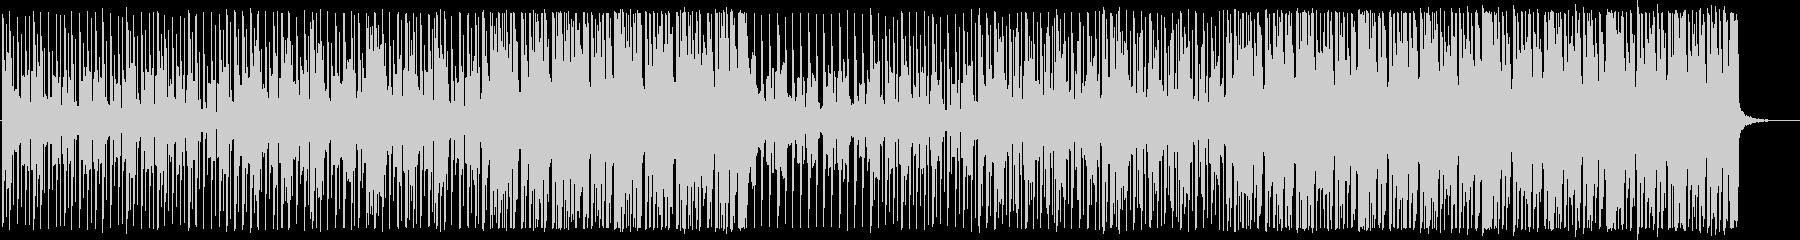 前向き/明るい/ハウス_No475_1の未再生の波形